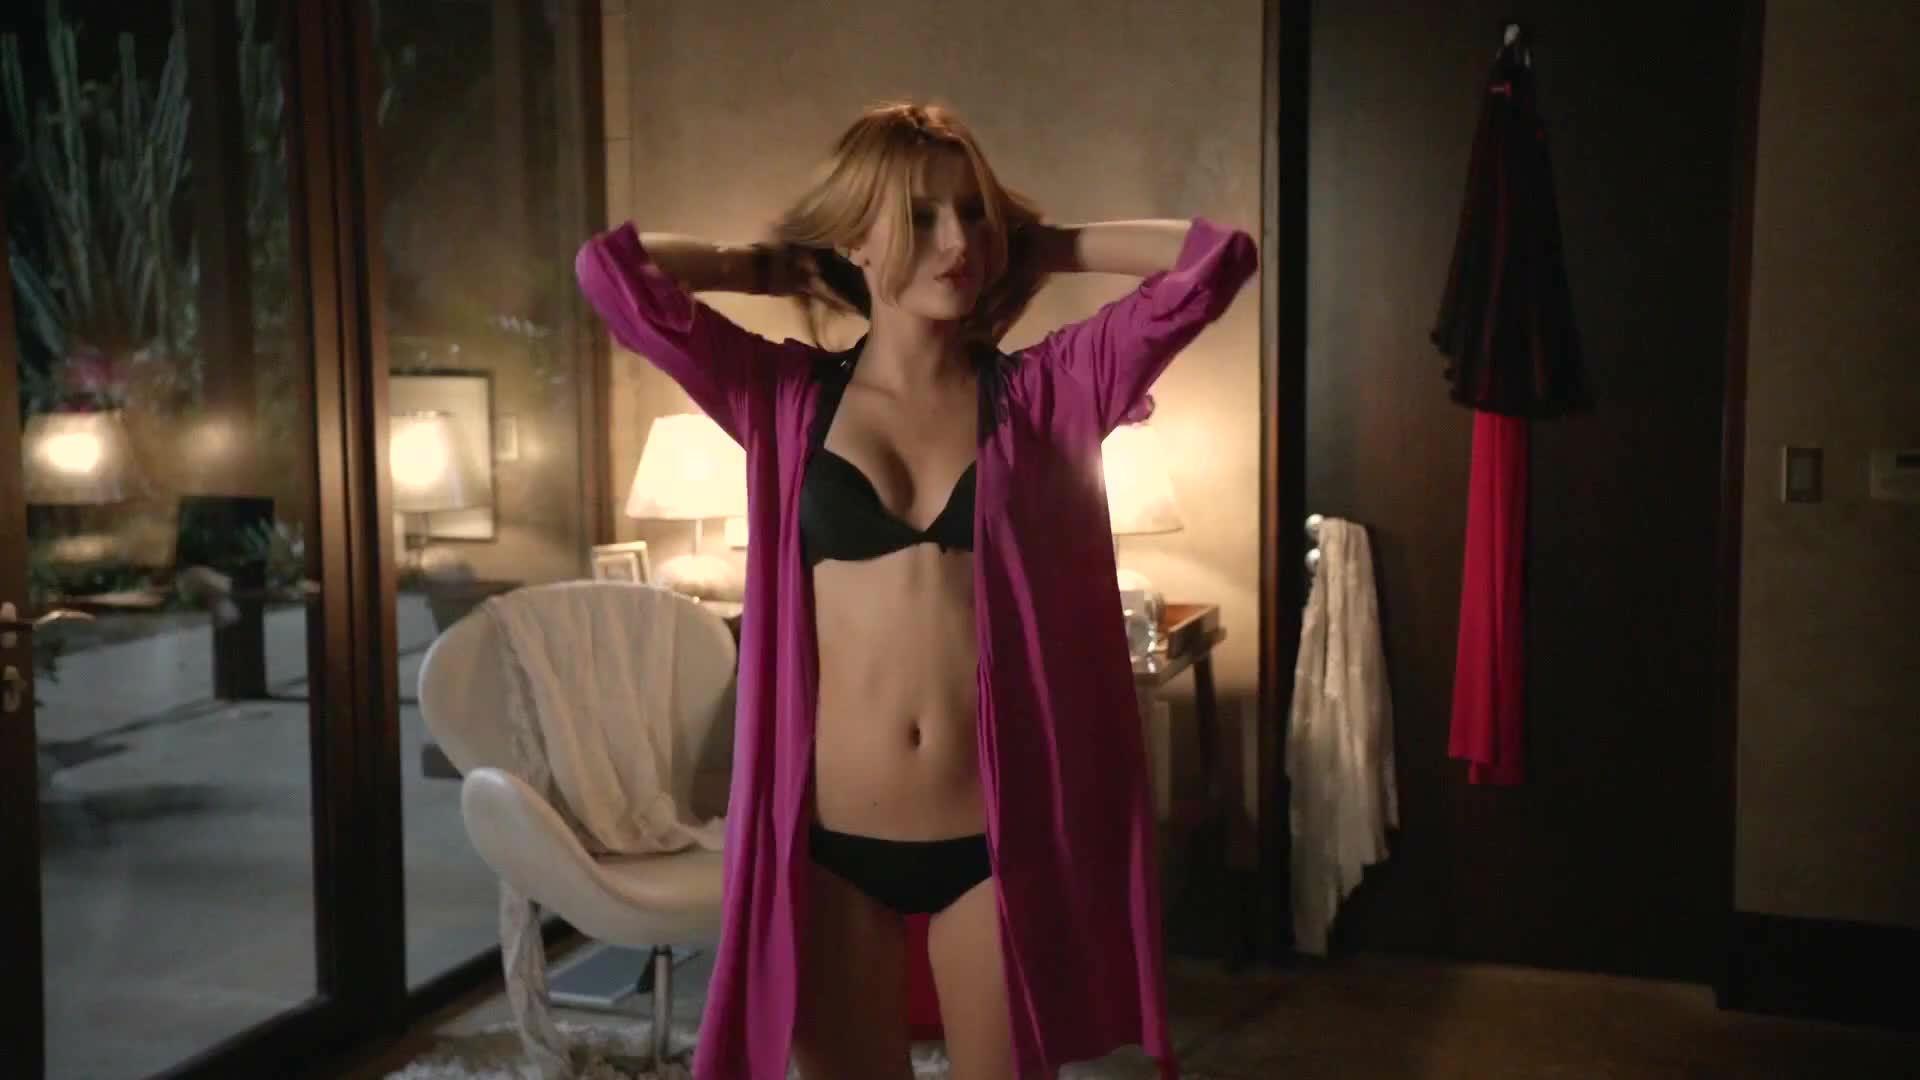 Bella thorne bikini dancing with hot blonde friend 3